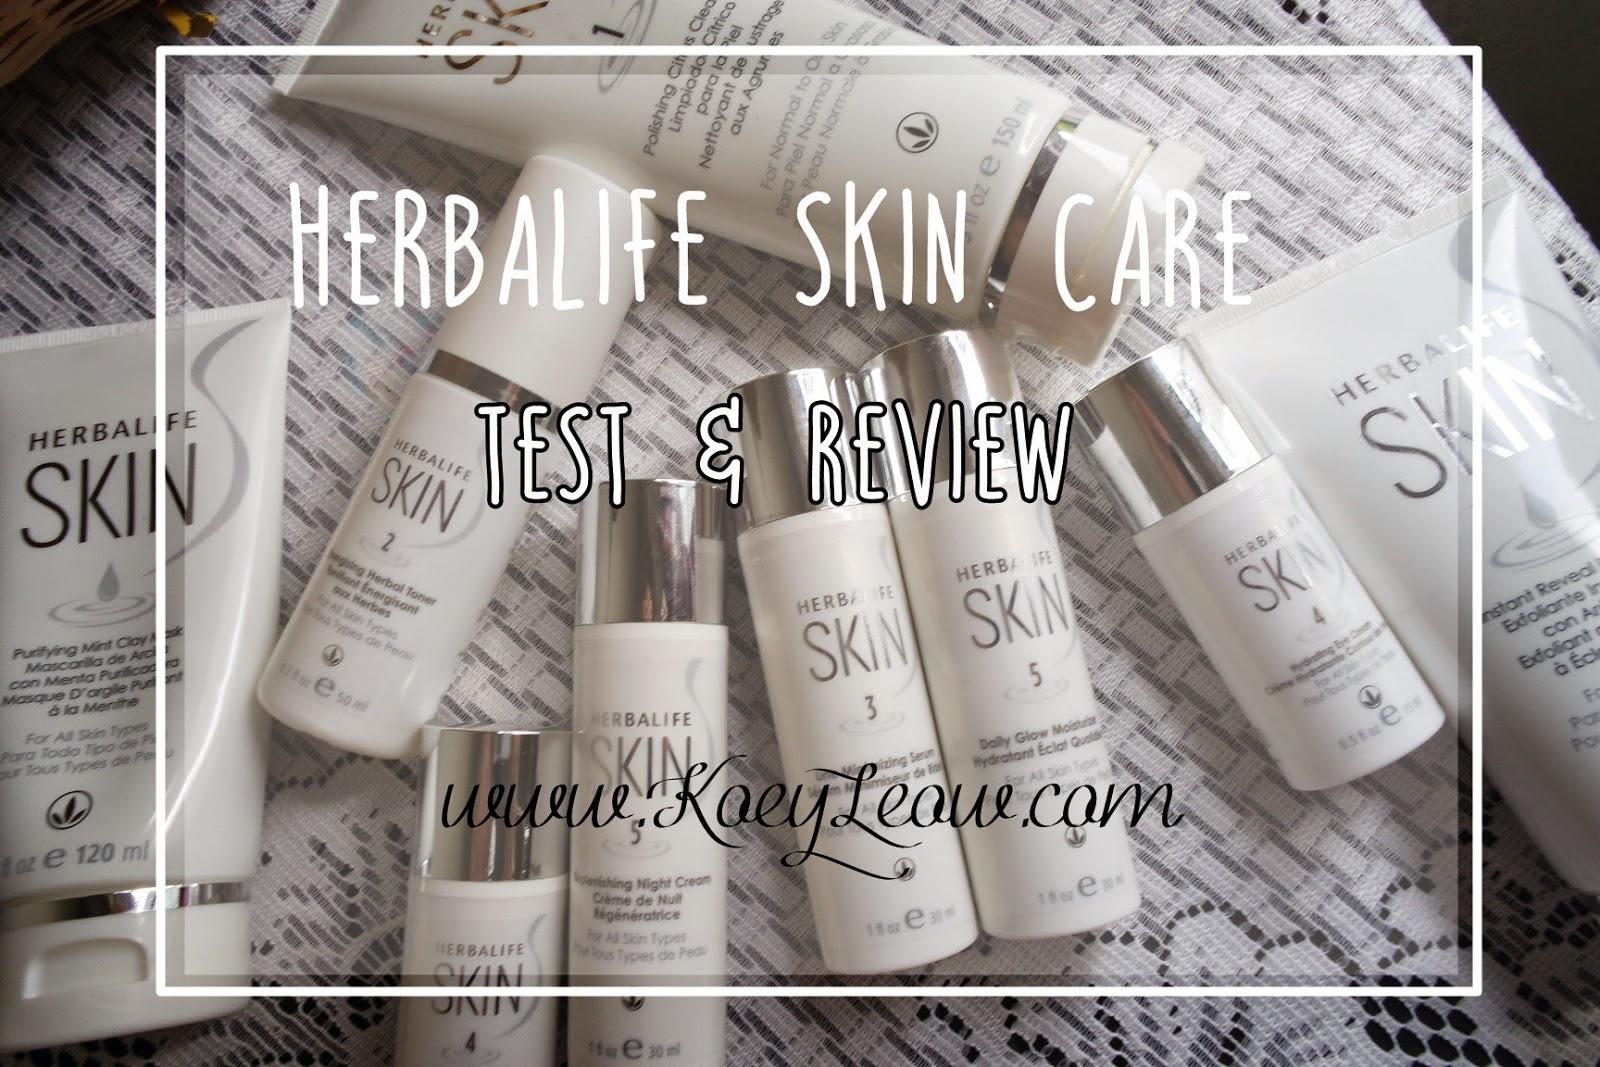 Care herbal life product skin - Herbalife Skin Skincare Review